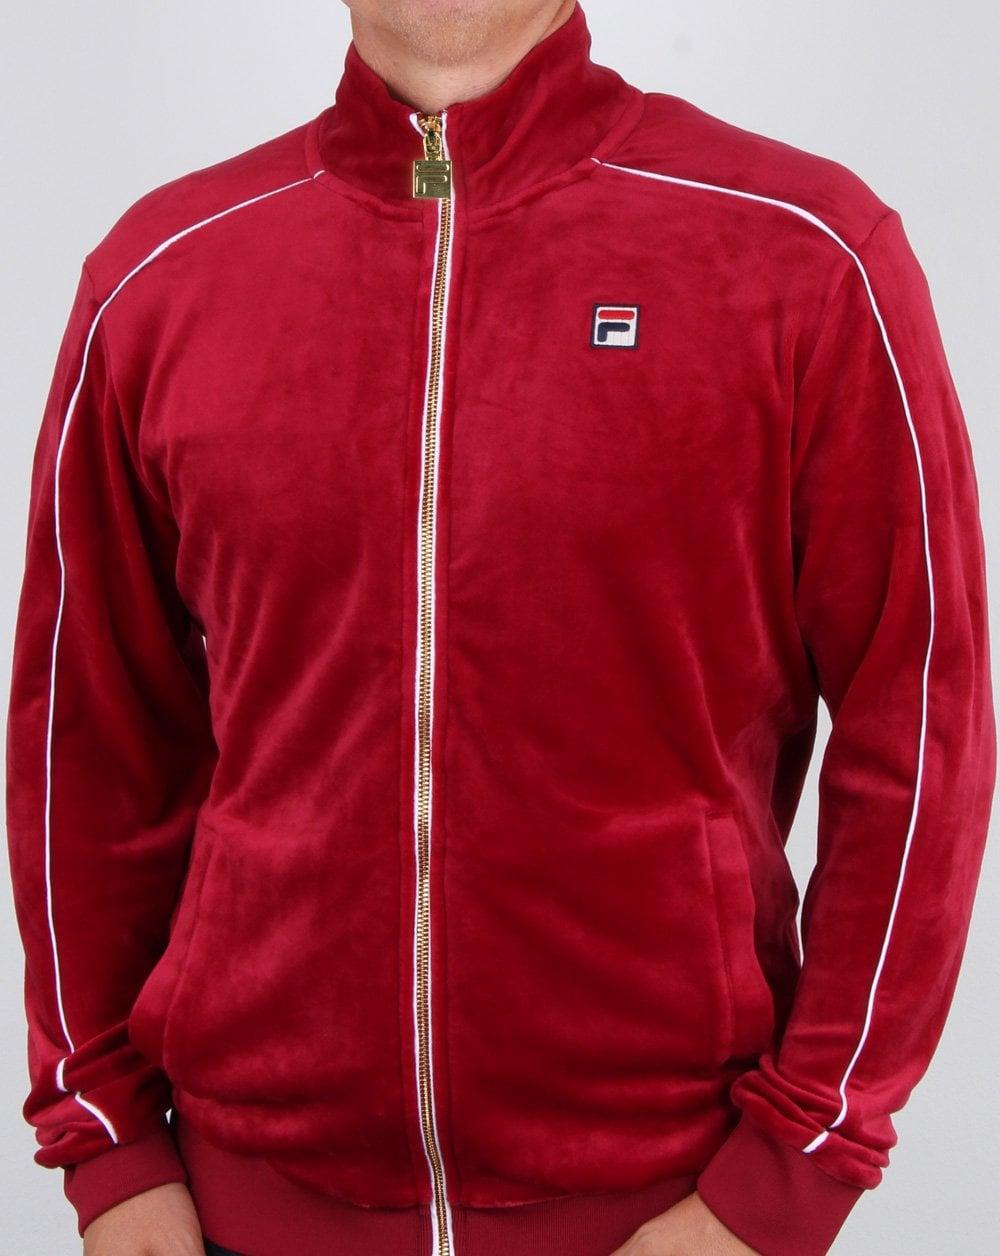 40439998a9a Fila Vintage Velour Track Top, Red, Mens, Linekar, old skrol,Tracksuit